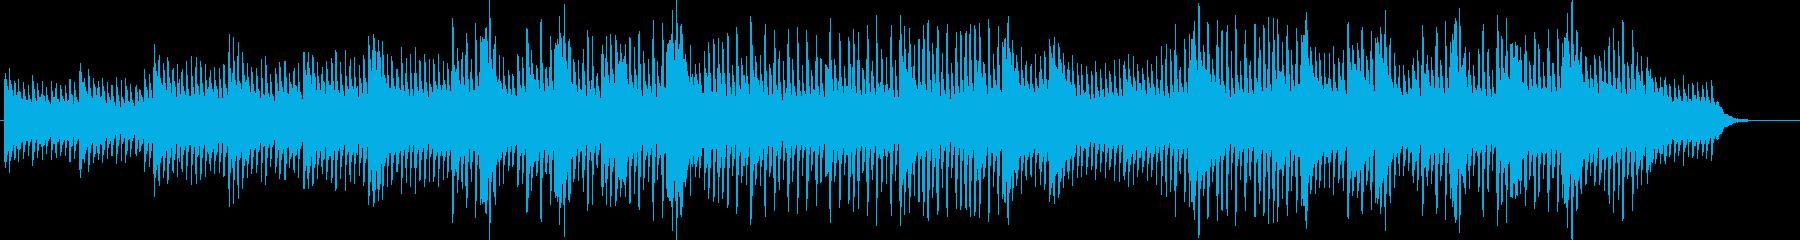 生楽器のさわやかなポリリズムの再生済みの波形